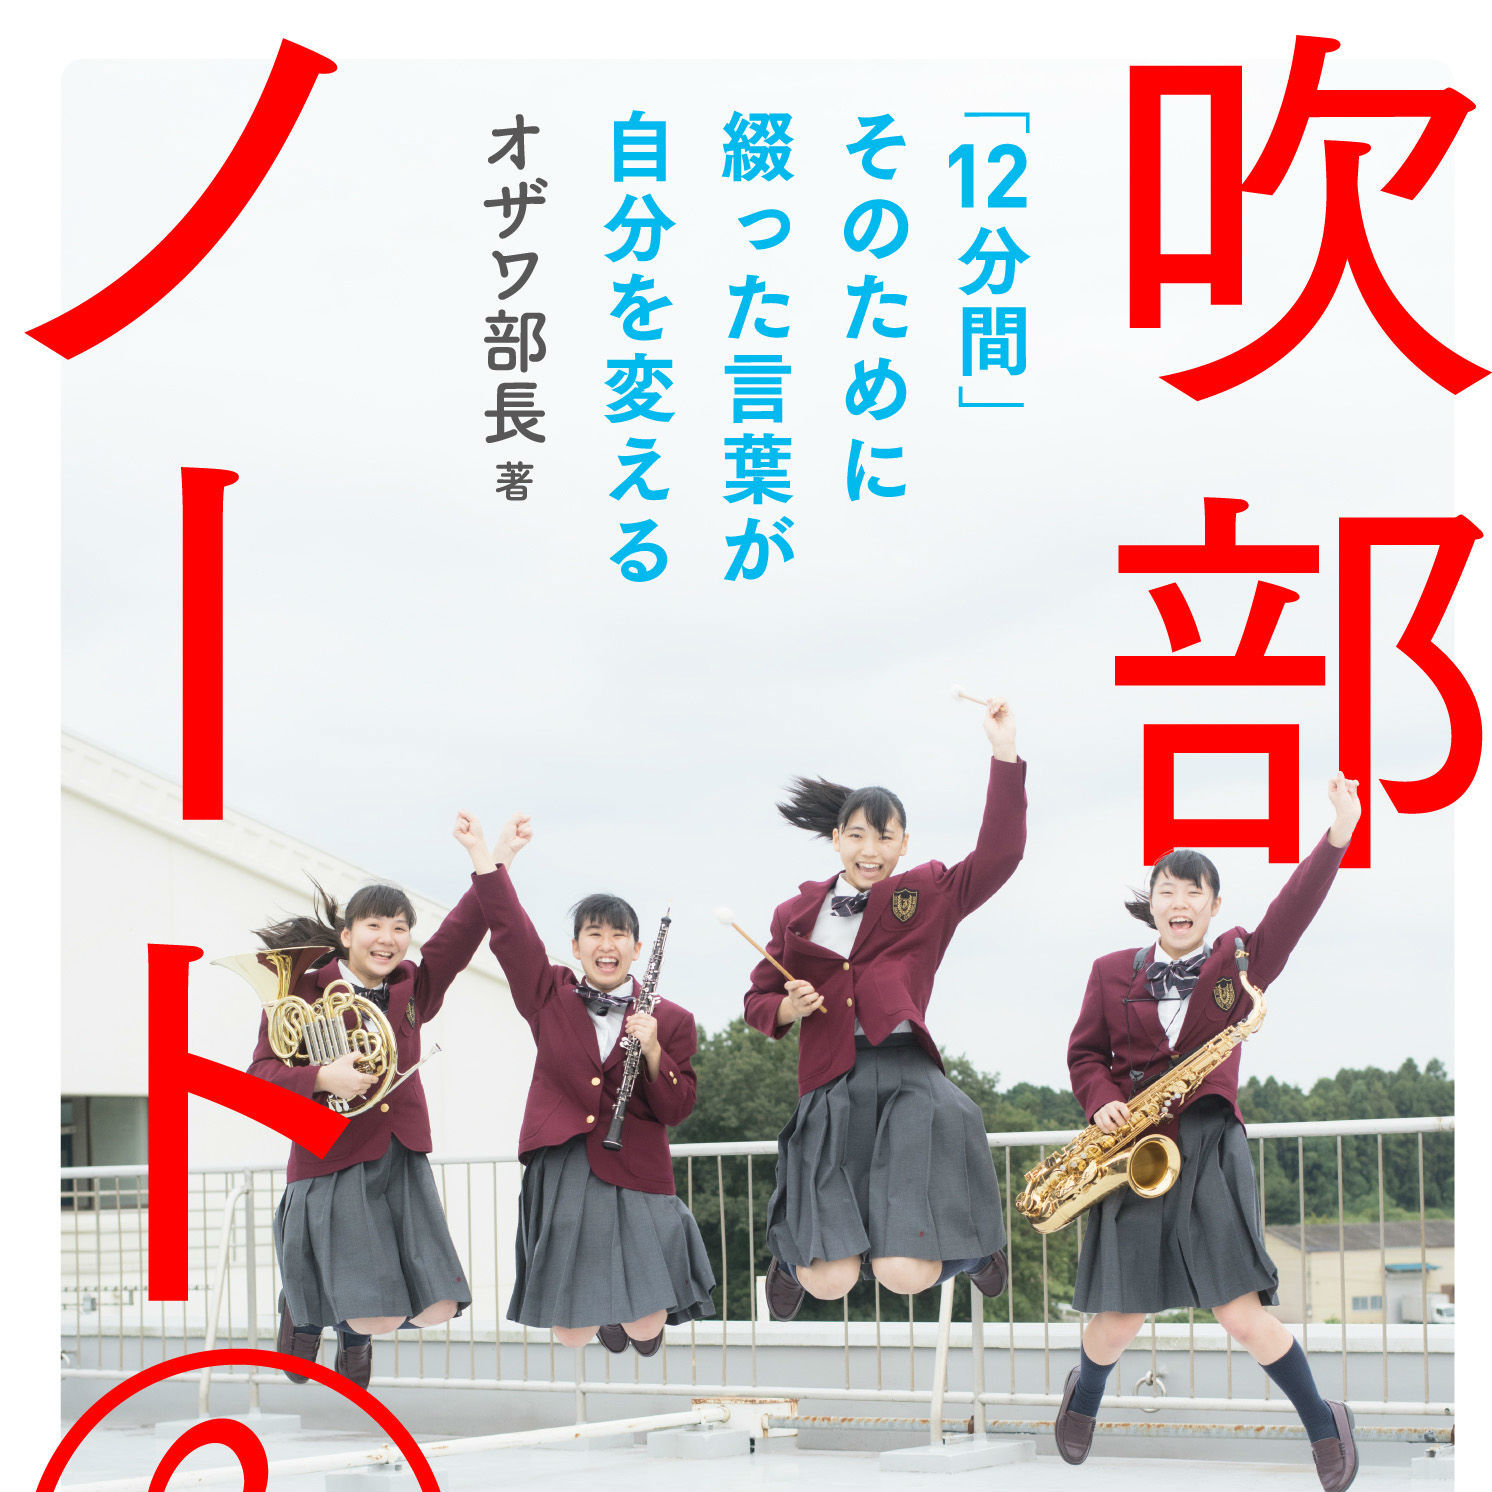 吹奏楽の甲子園を目指して―ノートに綴った青春ドラマに泣けます!